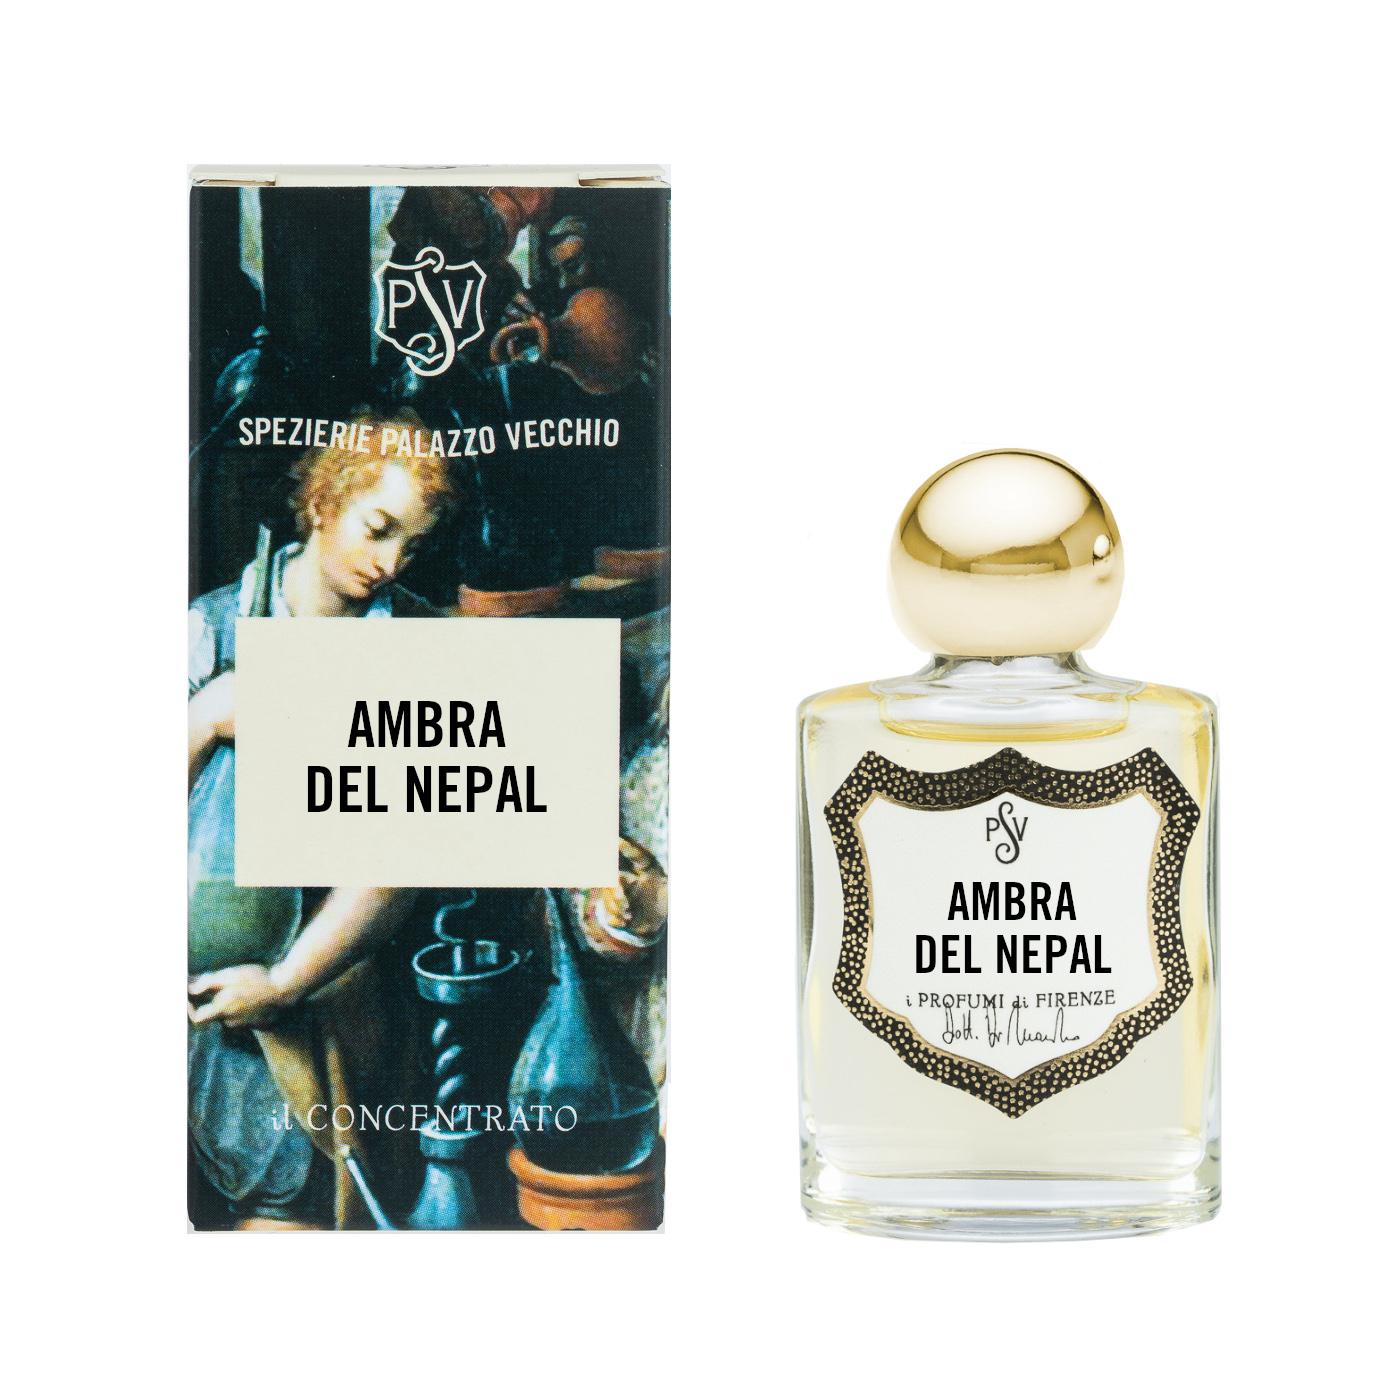 AMBRA DEL NEPAL - Il Concentrato-3936